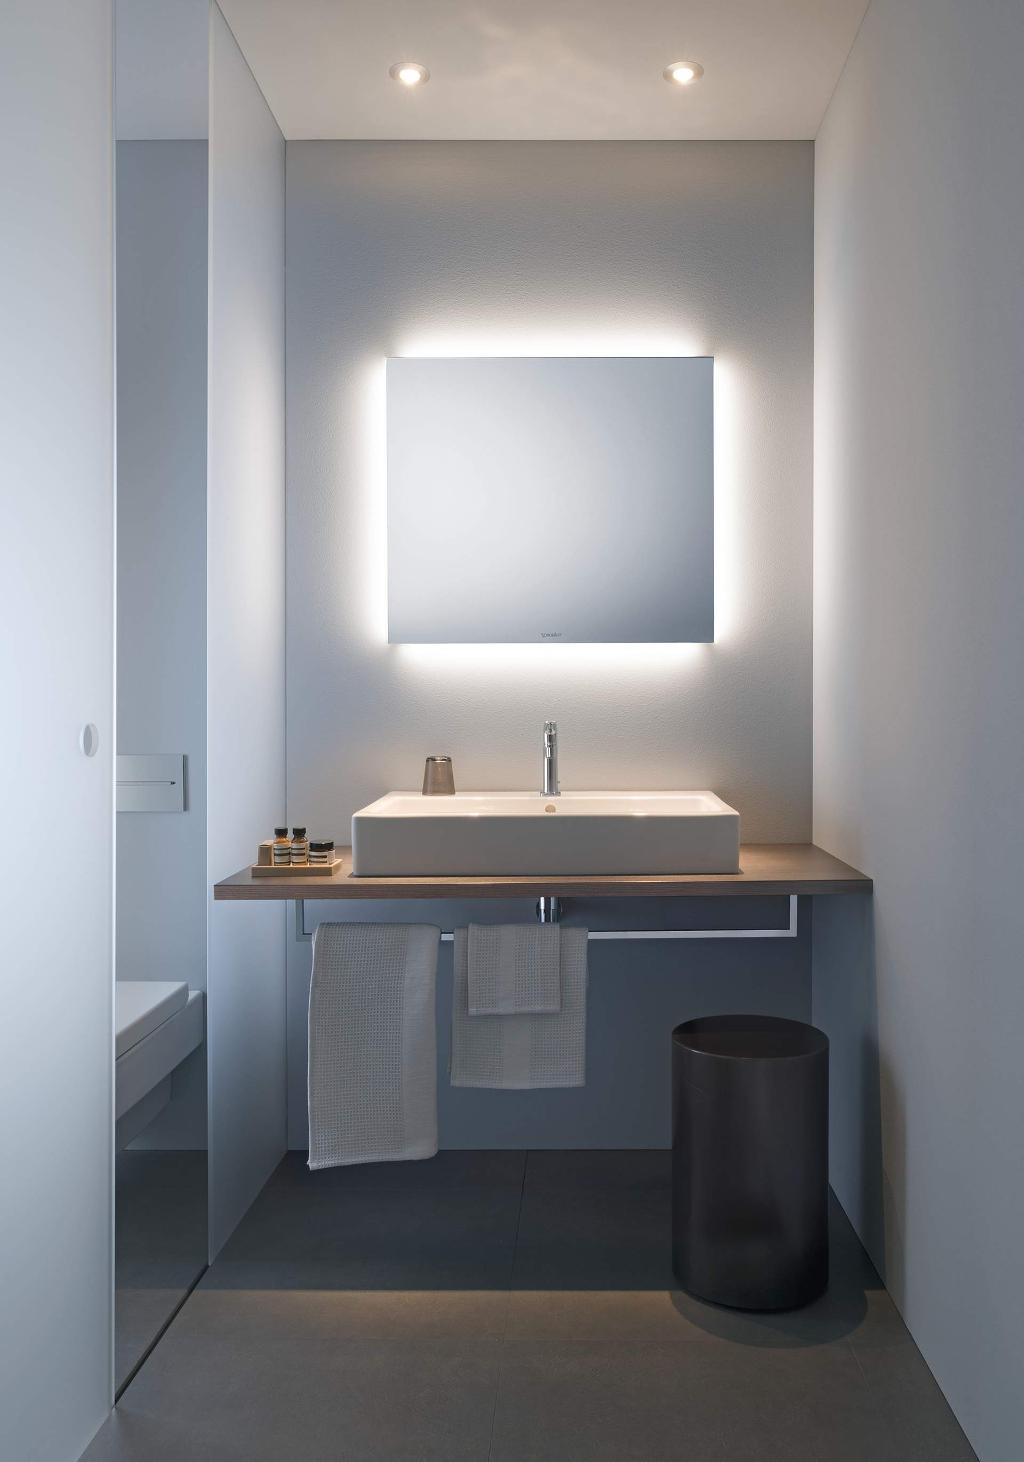 Miroir Salle De Bain Duravit ~ eclairage et miroir duravit